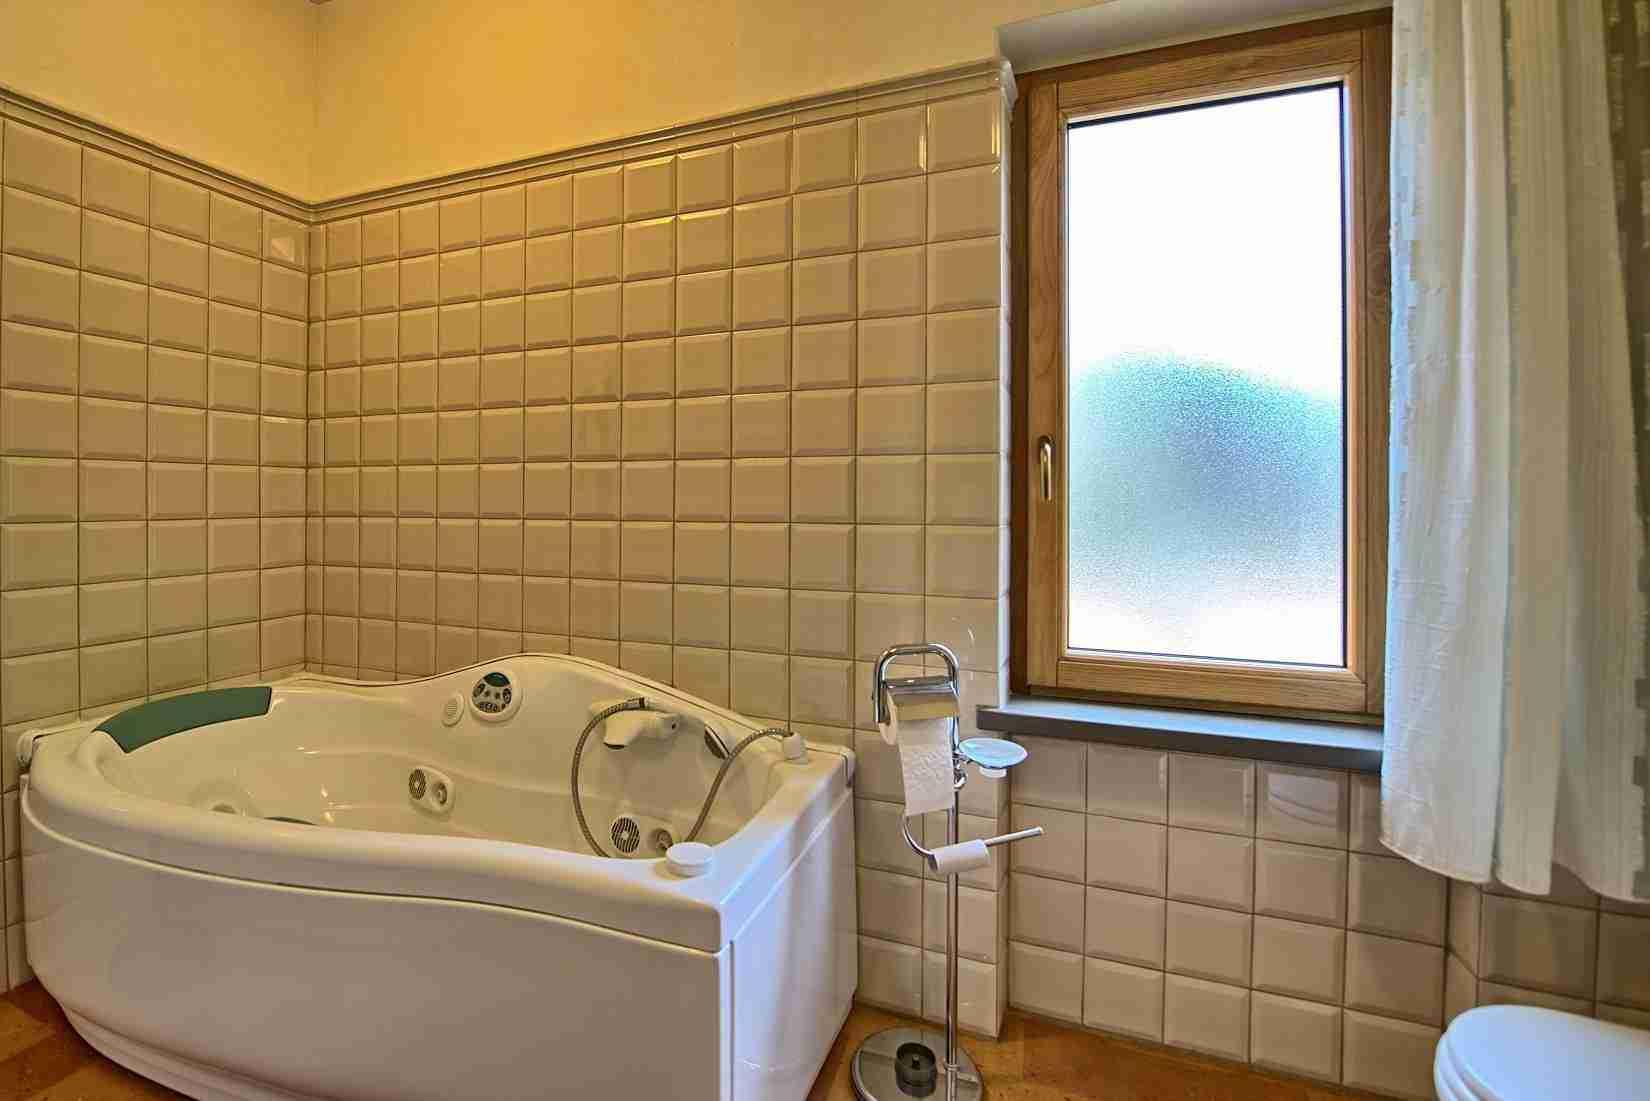 25 Etruria bathroom